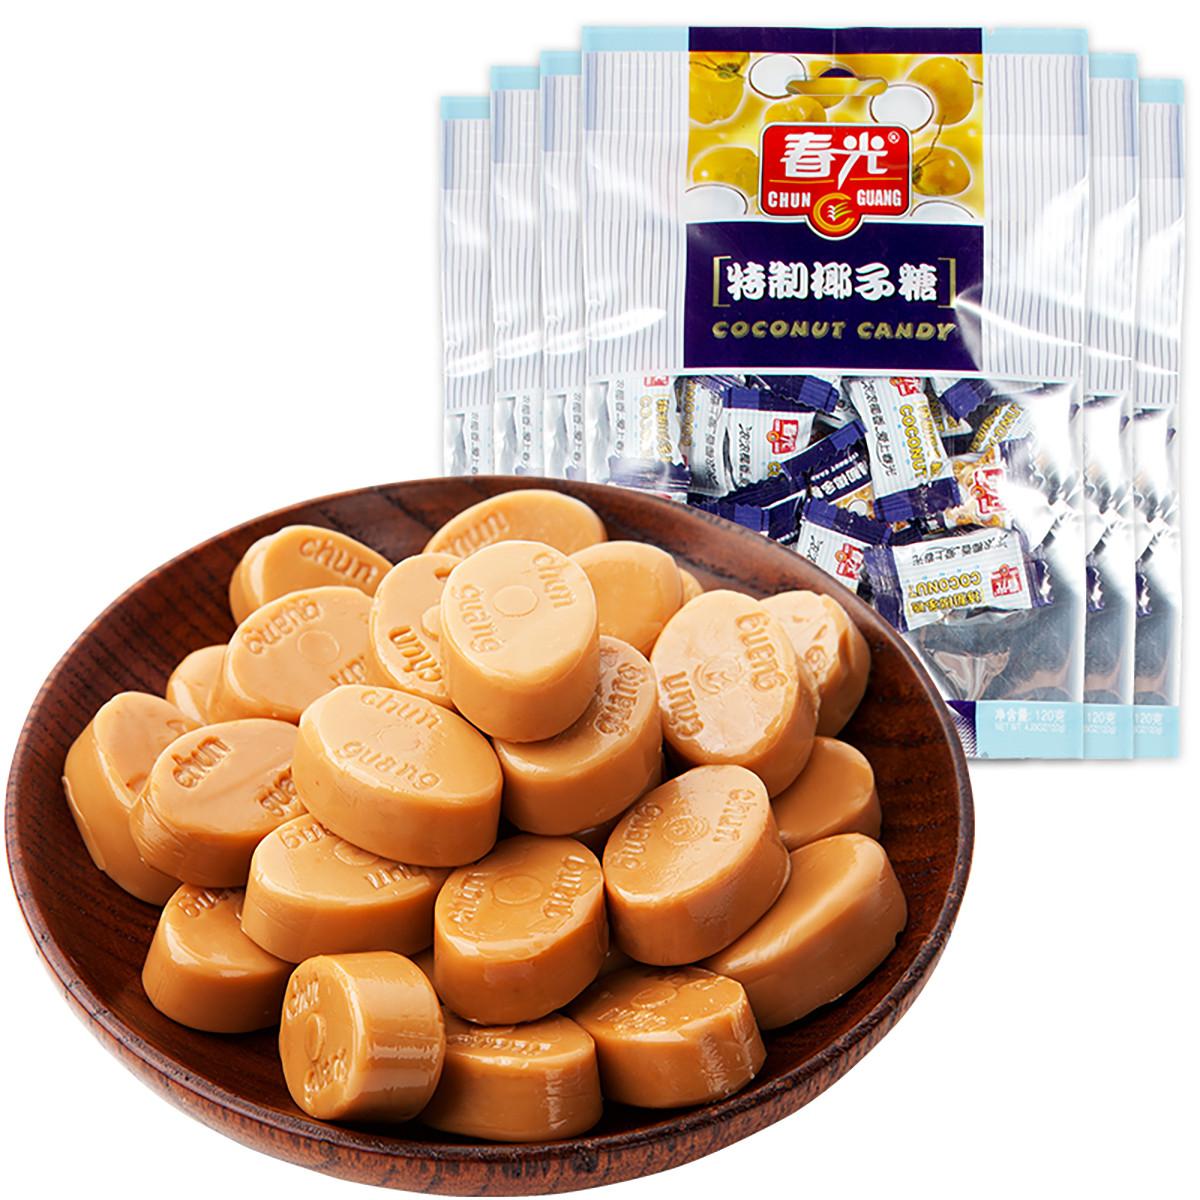 春光海南特产休闲食品水果糖糖果批发特制椰子糖120g*6袋COLOR银色